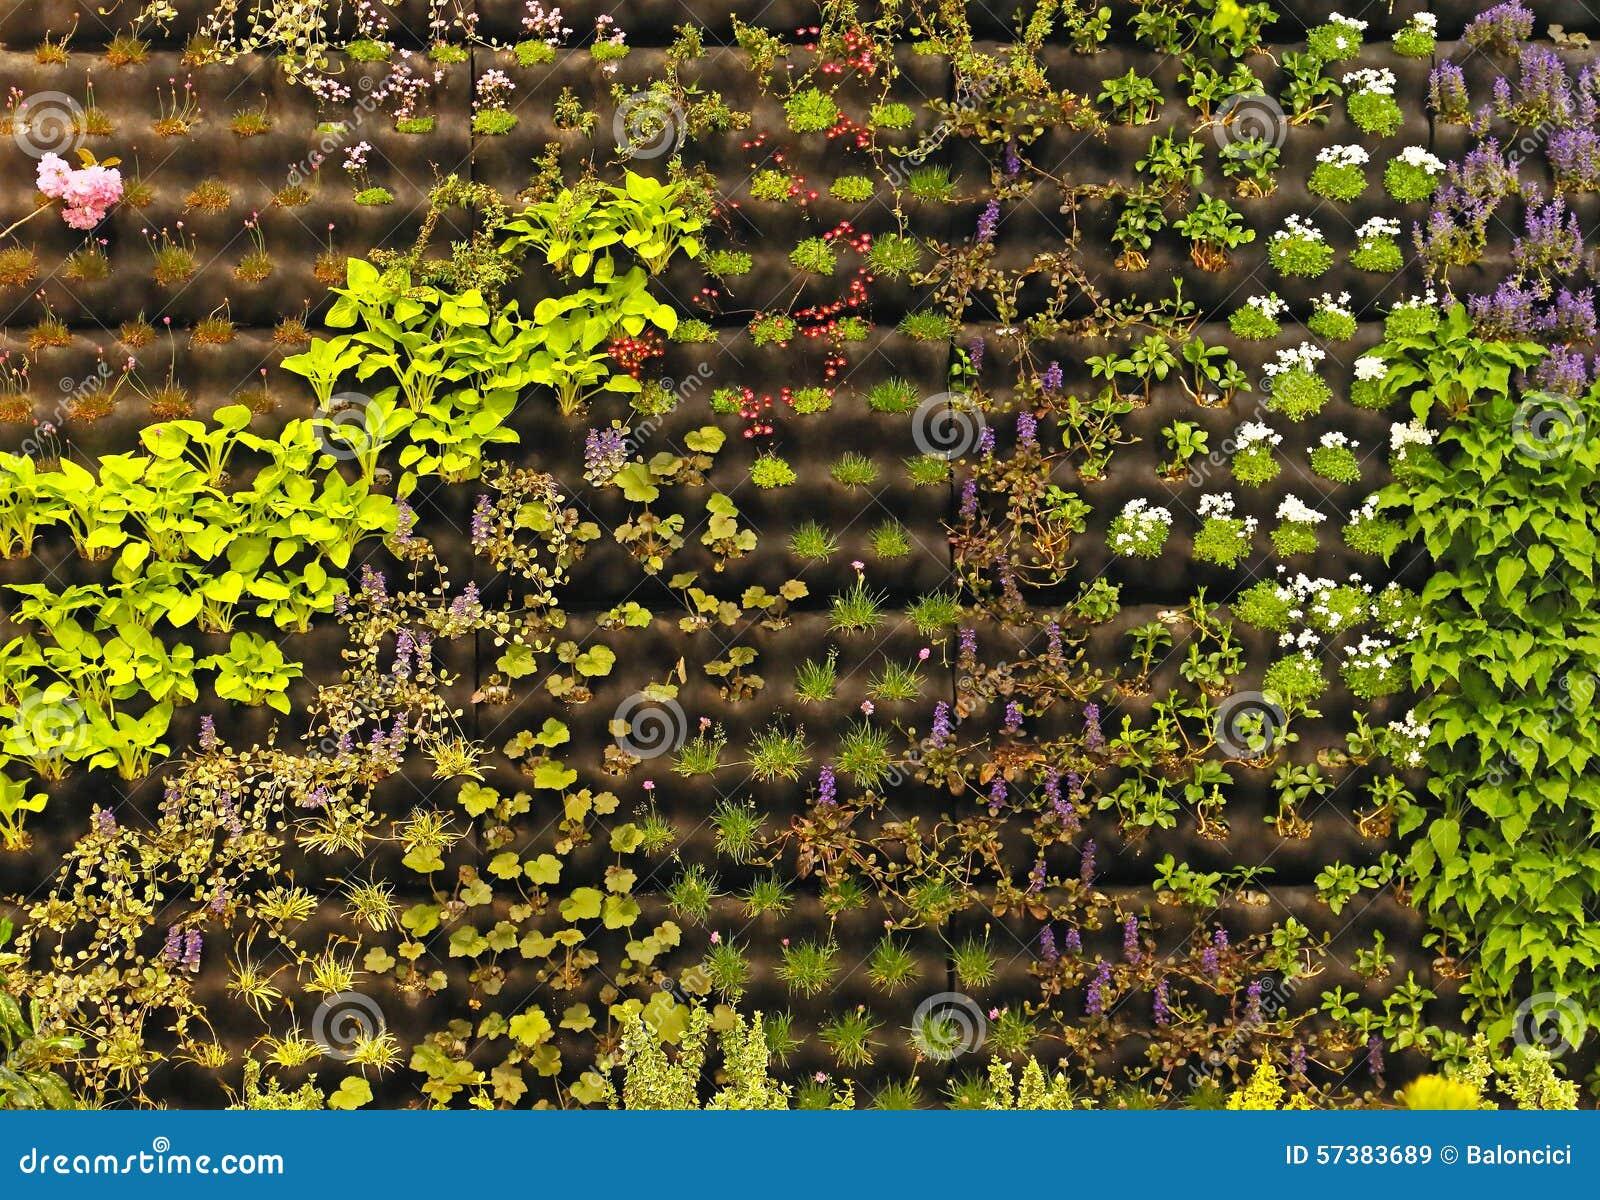 El cultivar un huerto vertical imagen de archivo imagen for Imagenes del huerto vertical